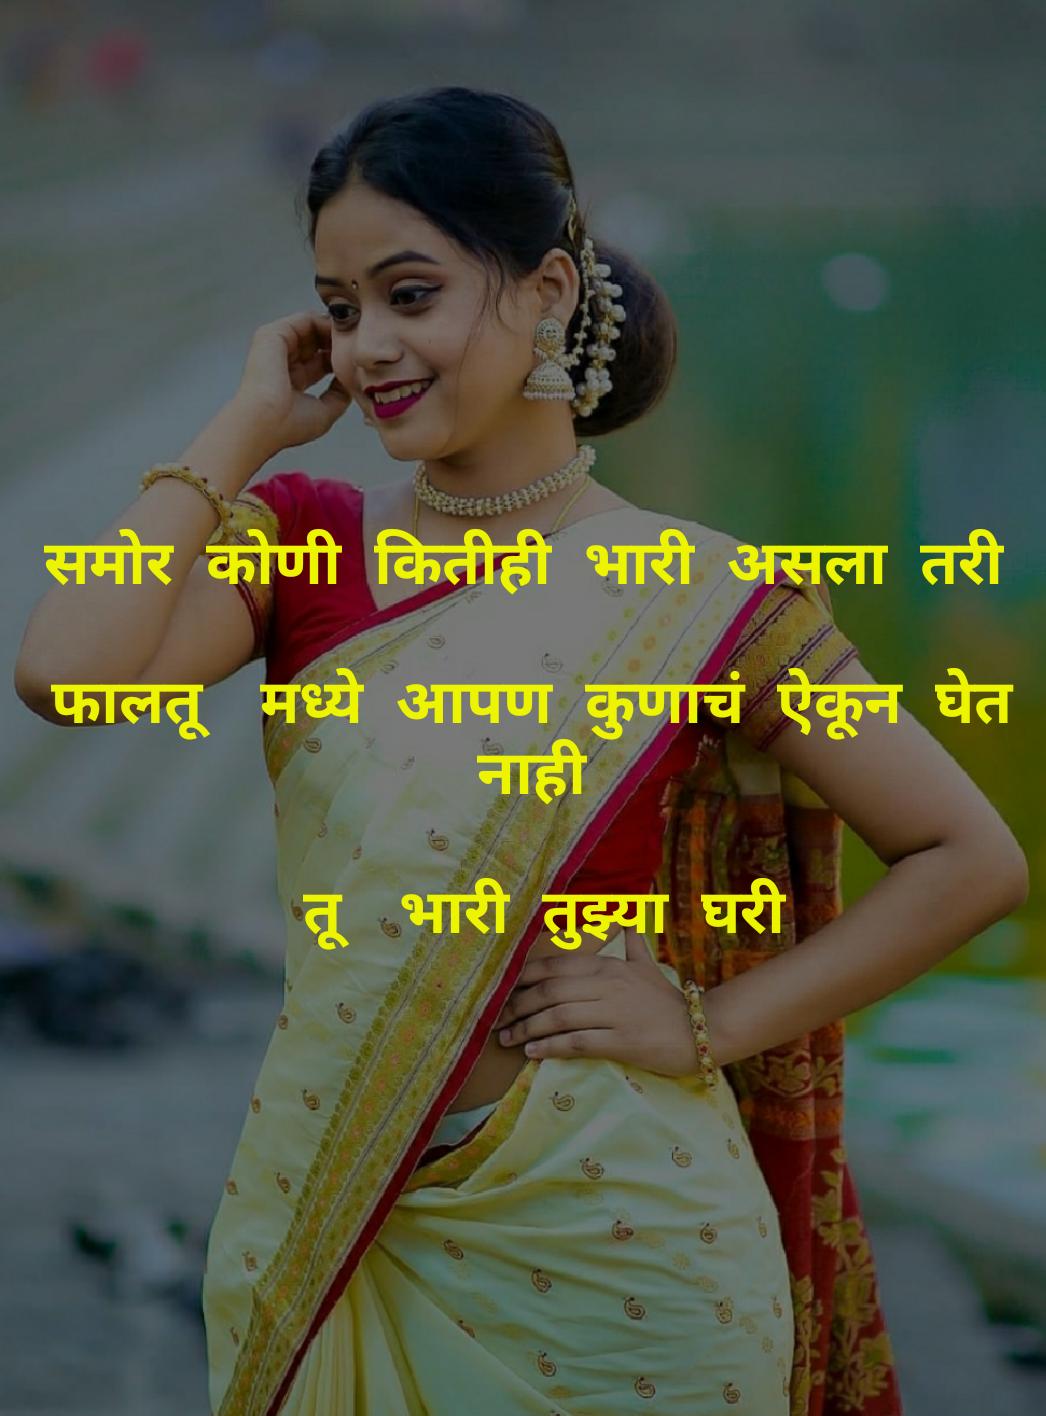 मराठी मध्ये अत्तीतूडे व्हॉट्स अँप स्टेटस Whatsapp status in marathi attitude